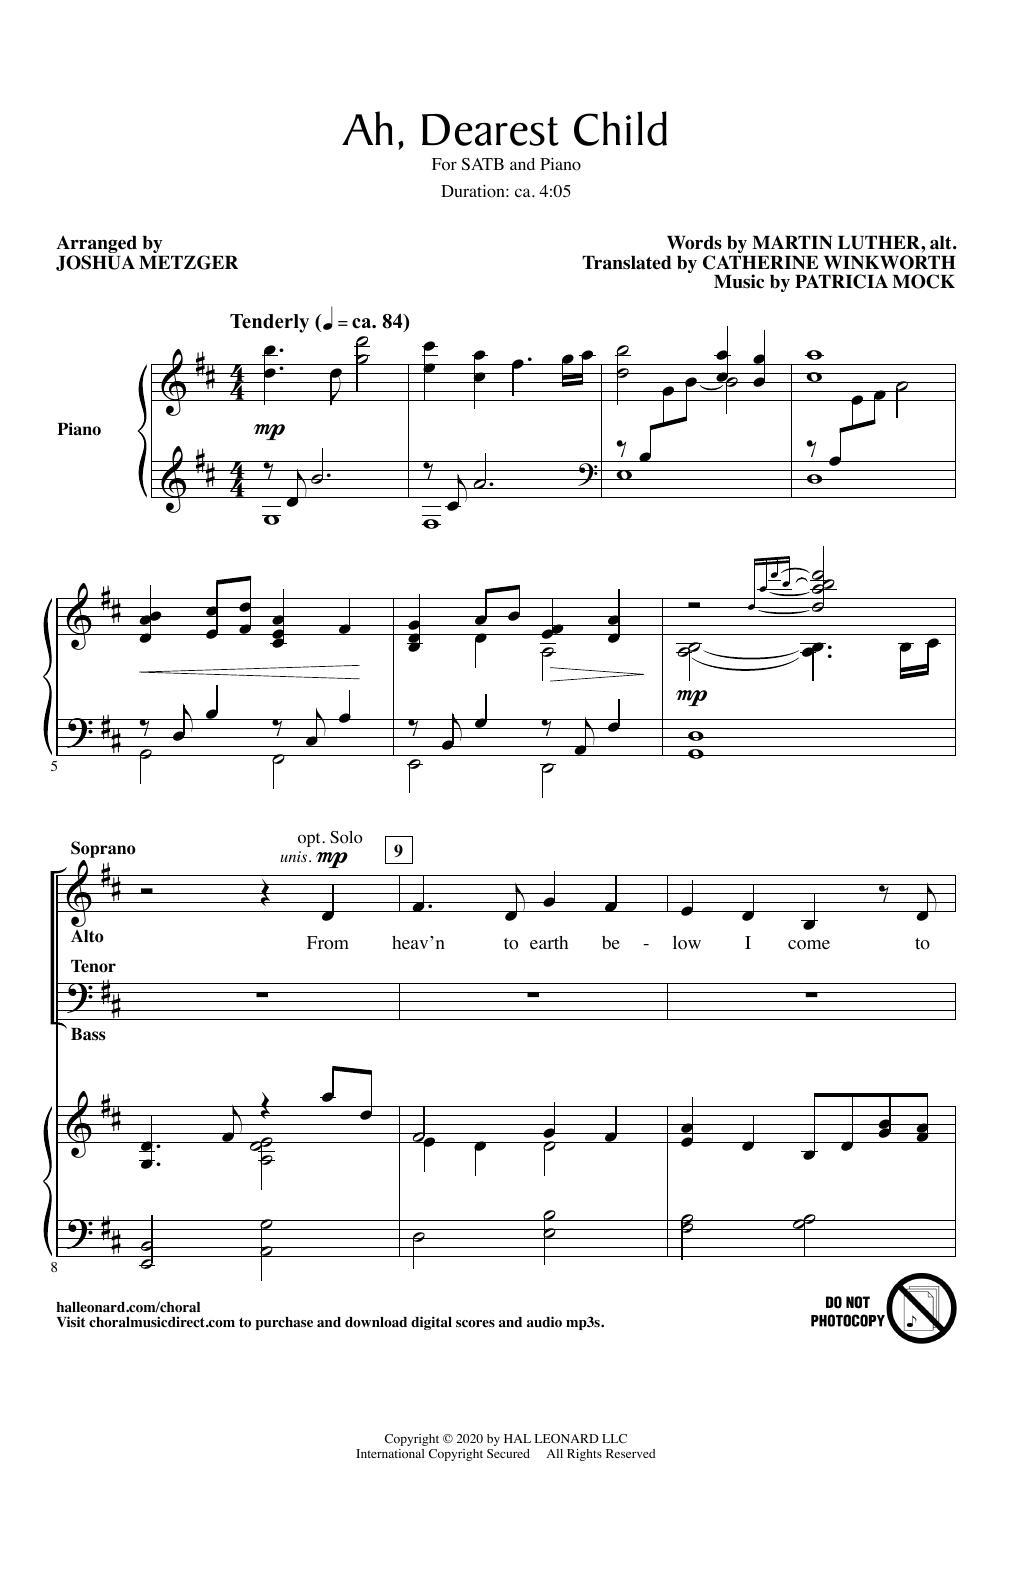 Ah, Dearest Child (arr. Joshua Metzger) (SATB Choir)